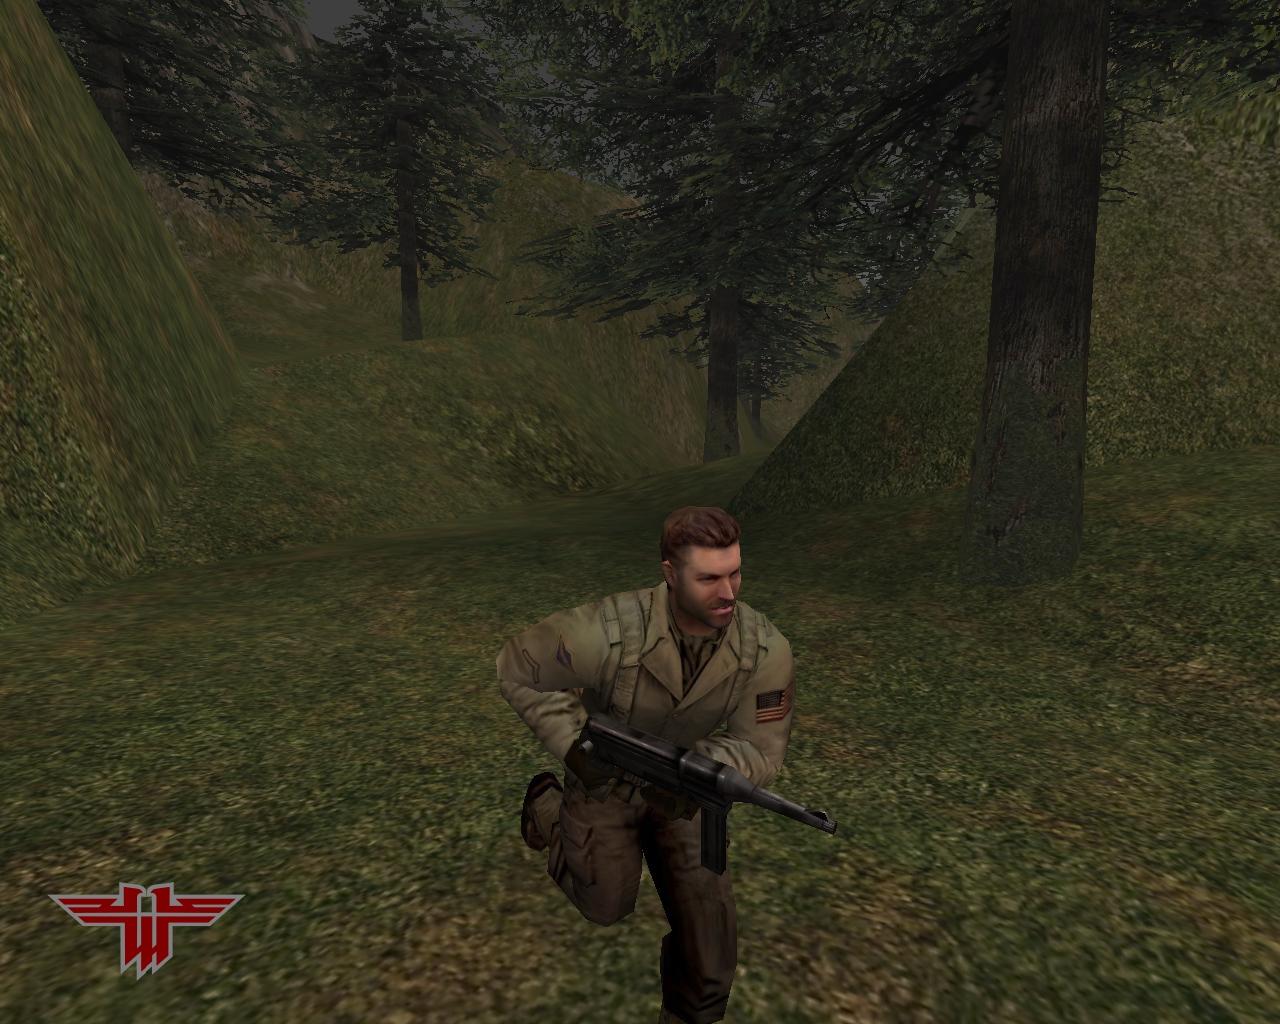 Return To Castle Wolfenstein Blazkowicz By Sandvich2302 On Deviantart